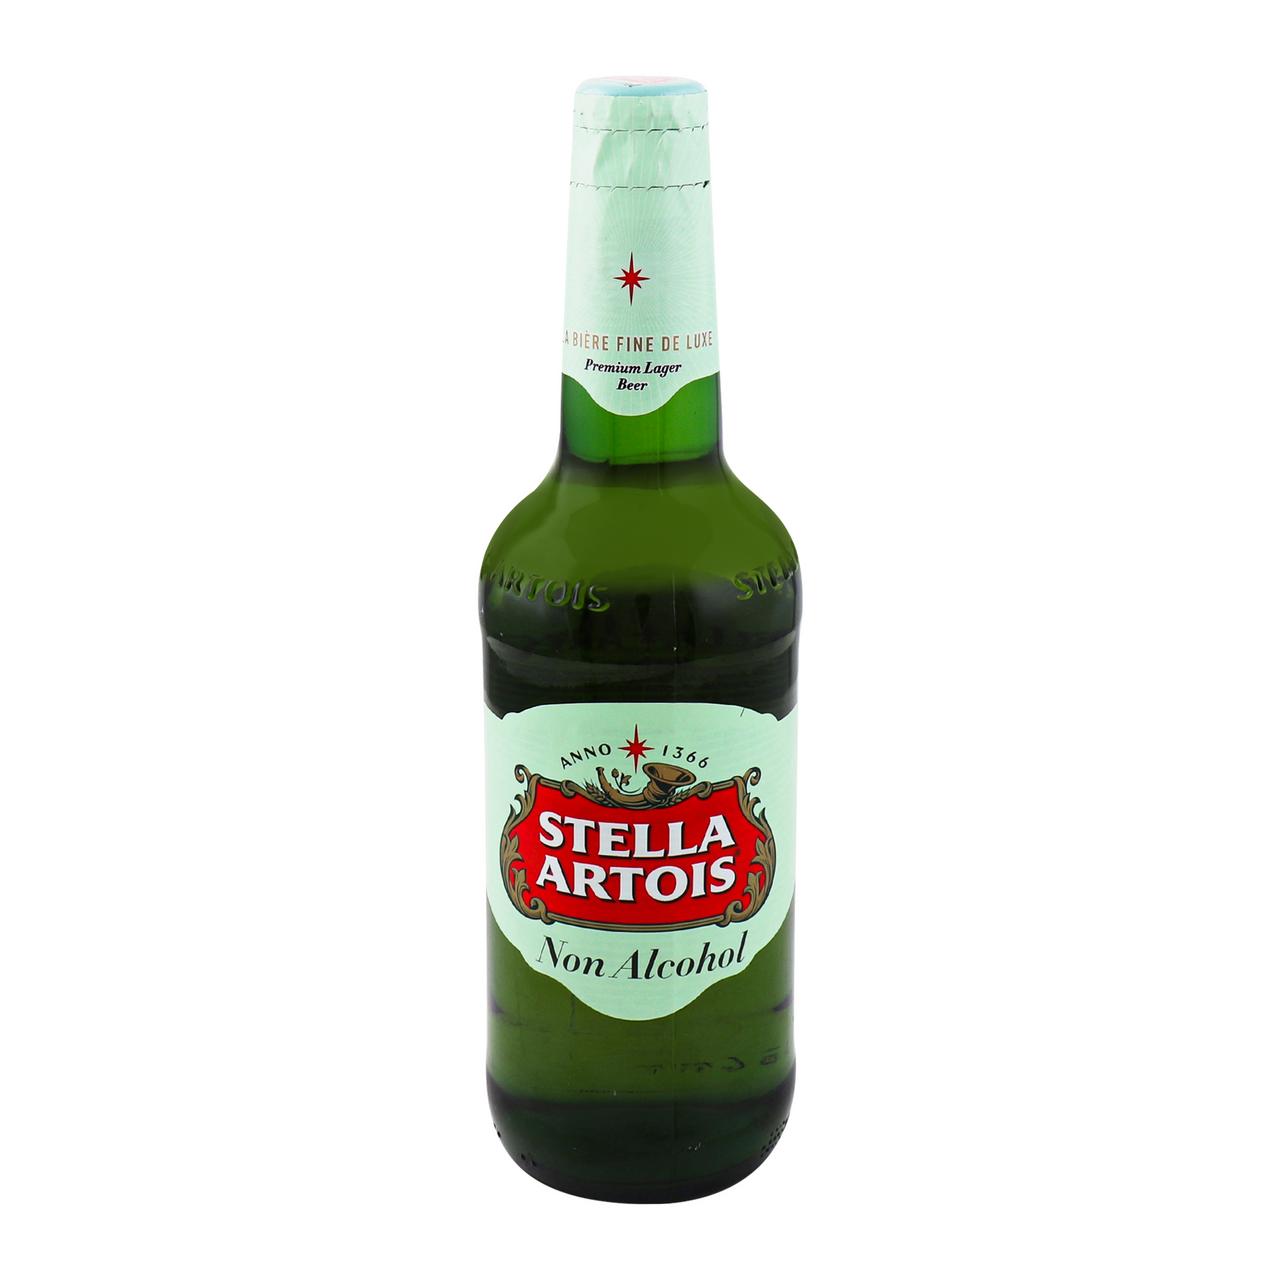 Пиво Stella Artois світле безалкогольне 0.5% 0.5л